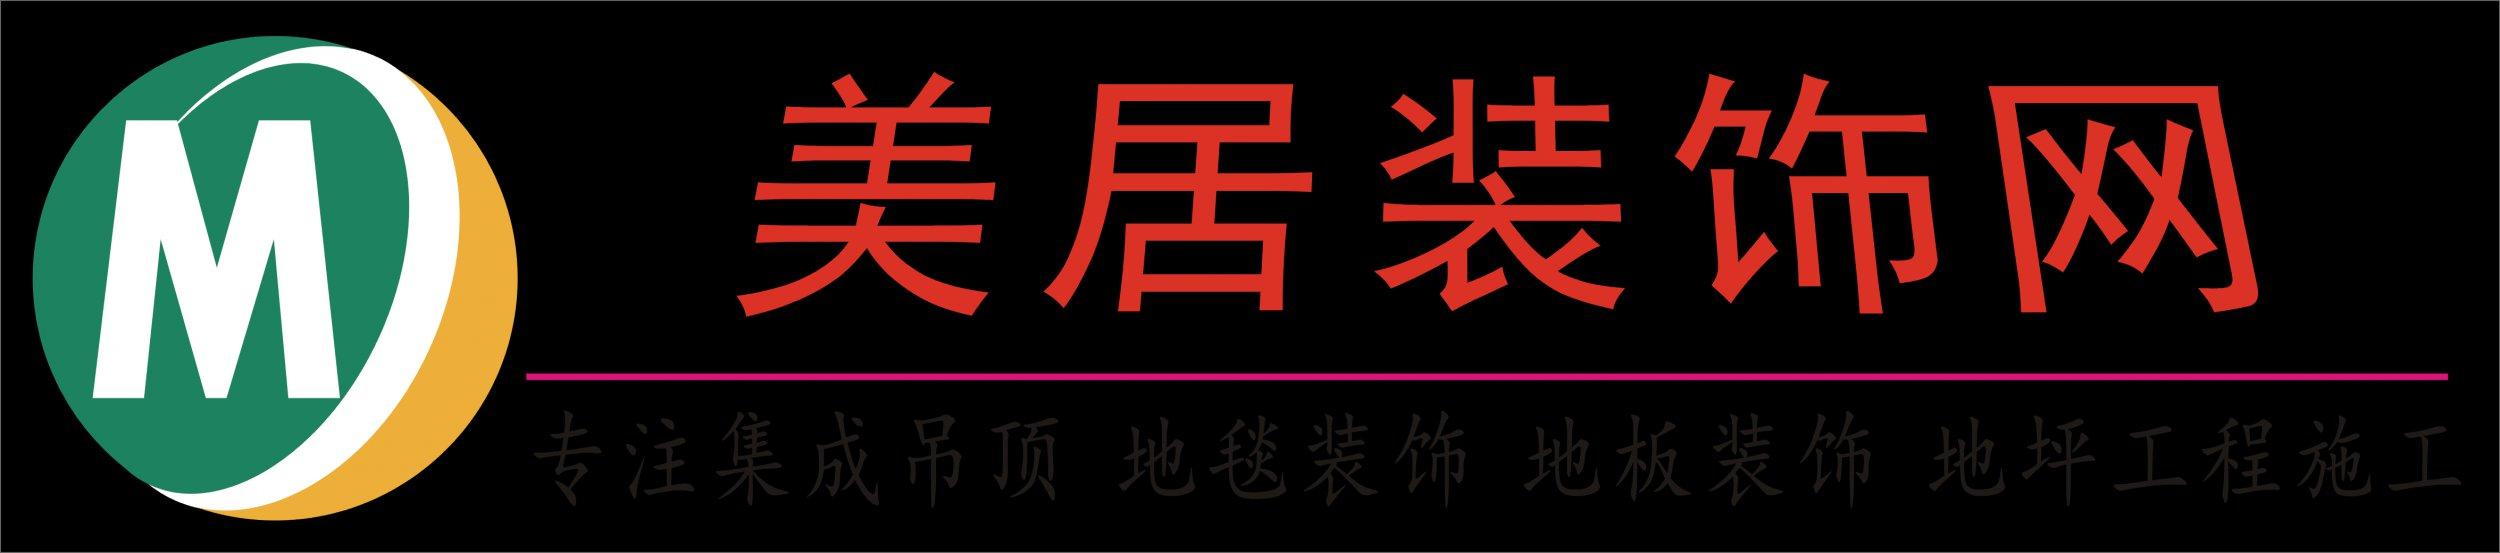 广州装修企业-澳门新葡萄京app下载